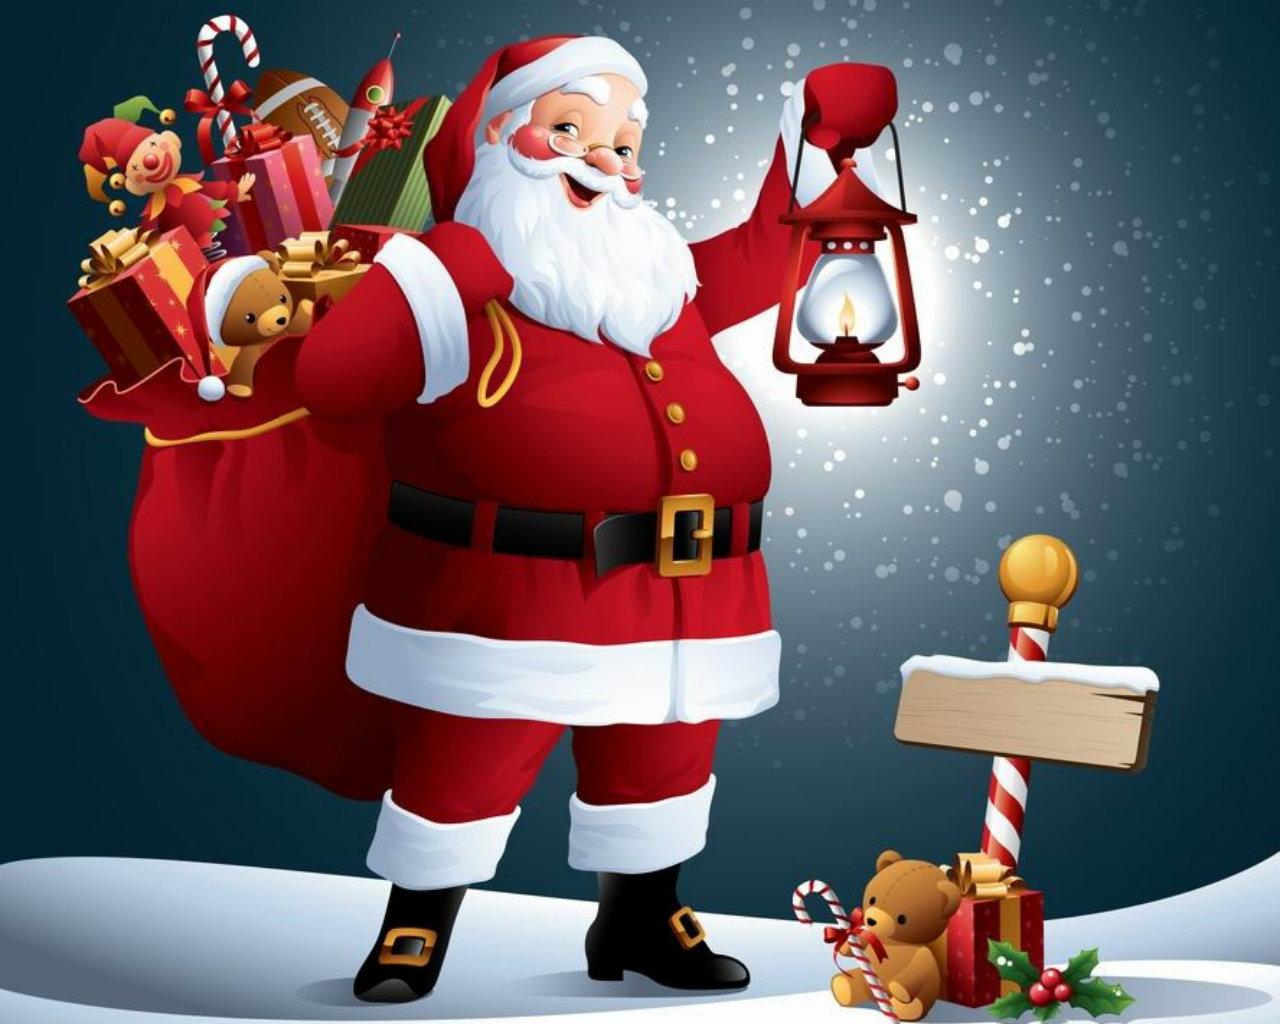 Cute Santa Claus Photo Ronament Wallcoo Christmas Wallpapers Wallpaper 1280x1024